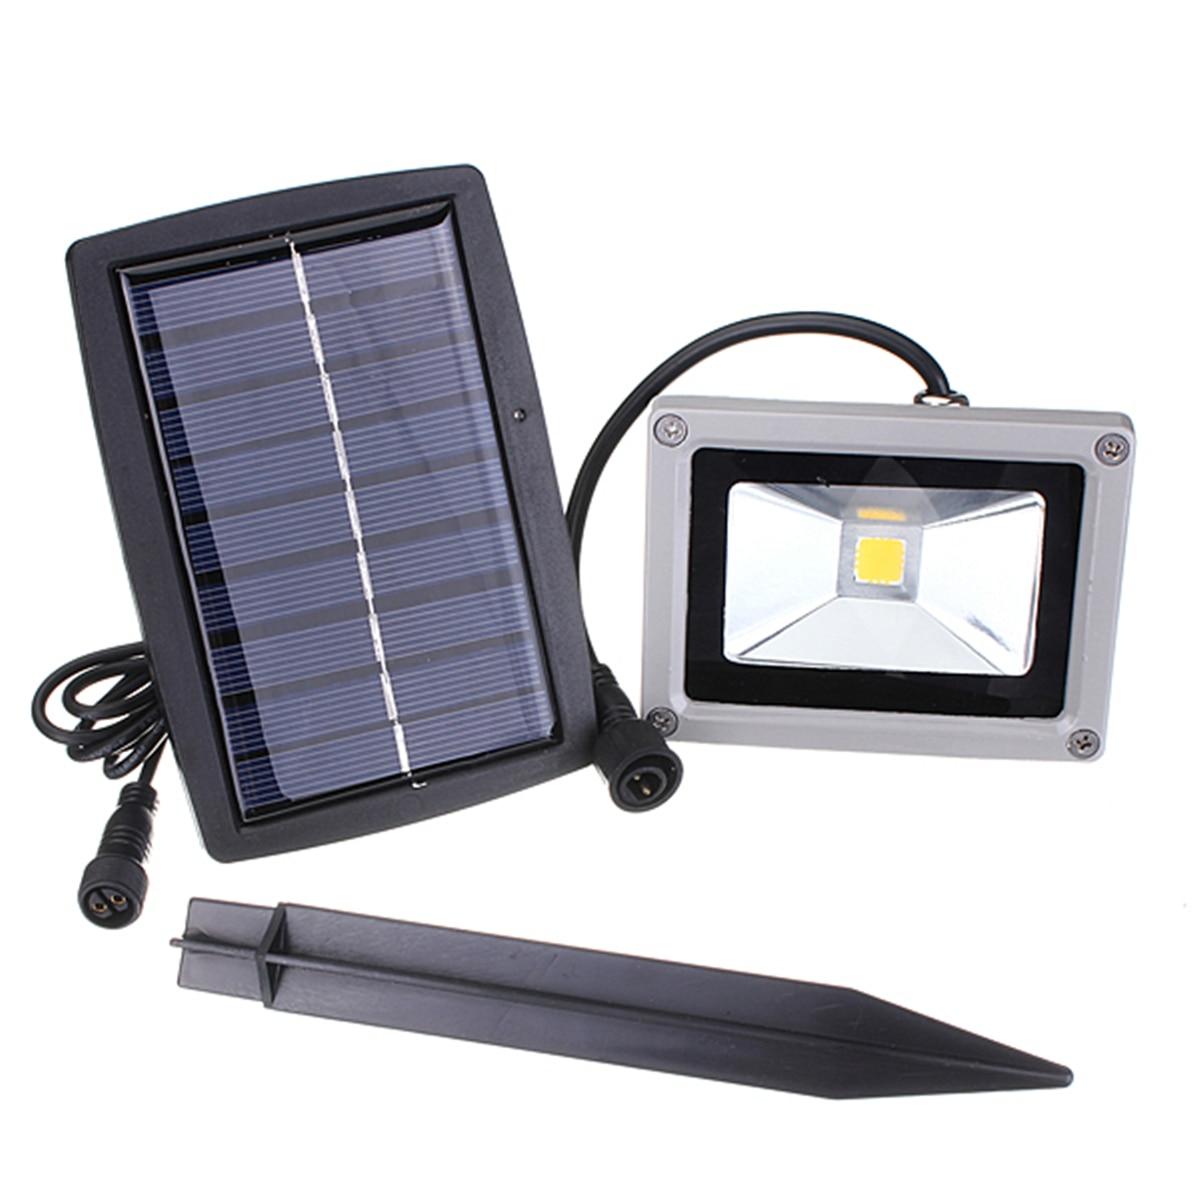 Mising Solar Flood Light 10W Solar Light LED Flood Light Night Light Garden Spotlight Waterproof Outdoor Lamp